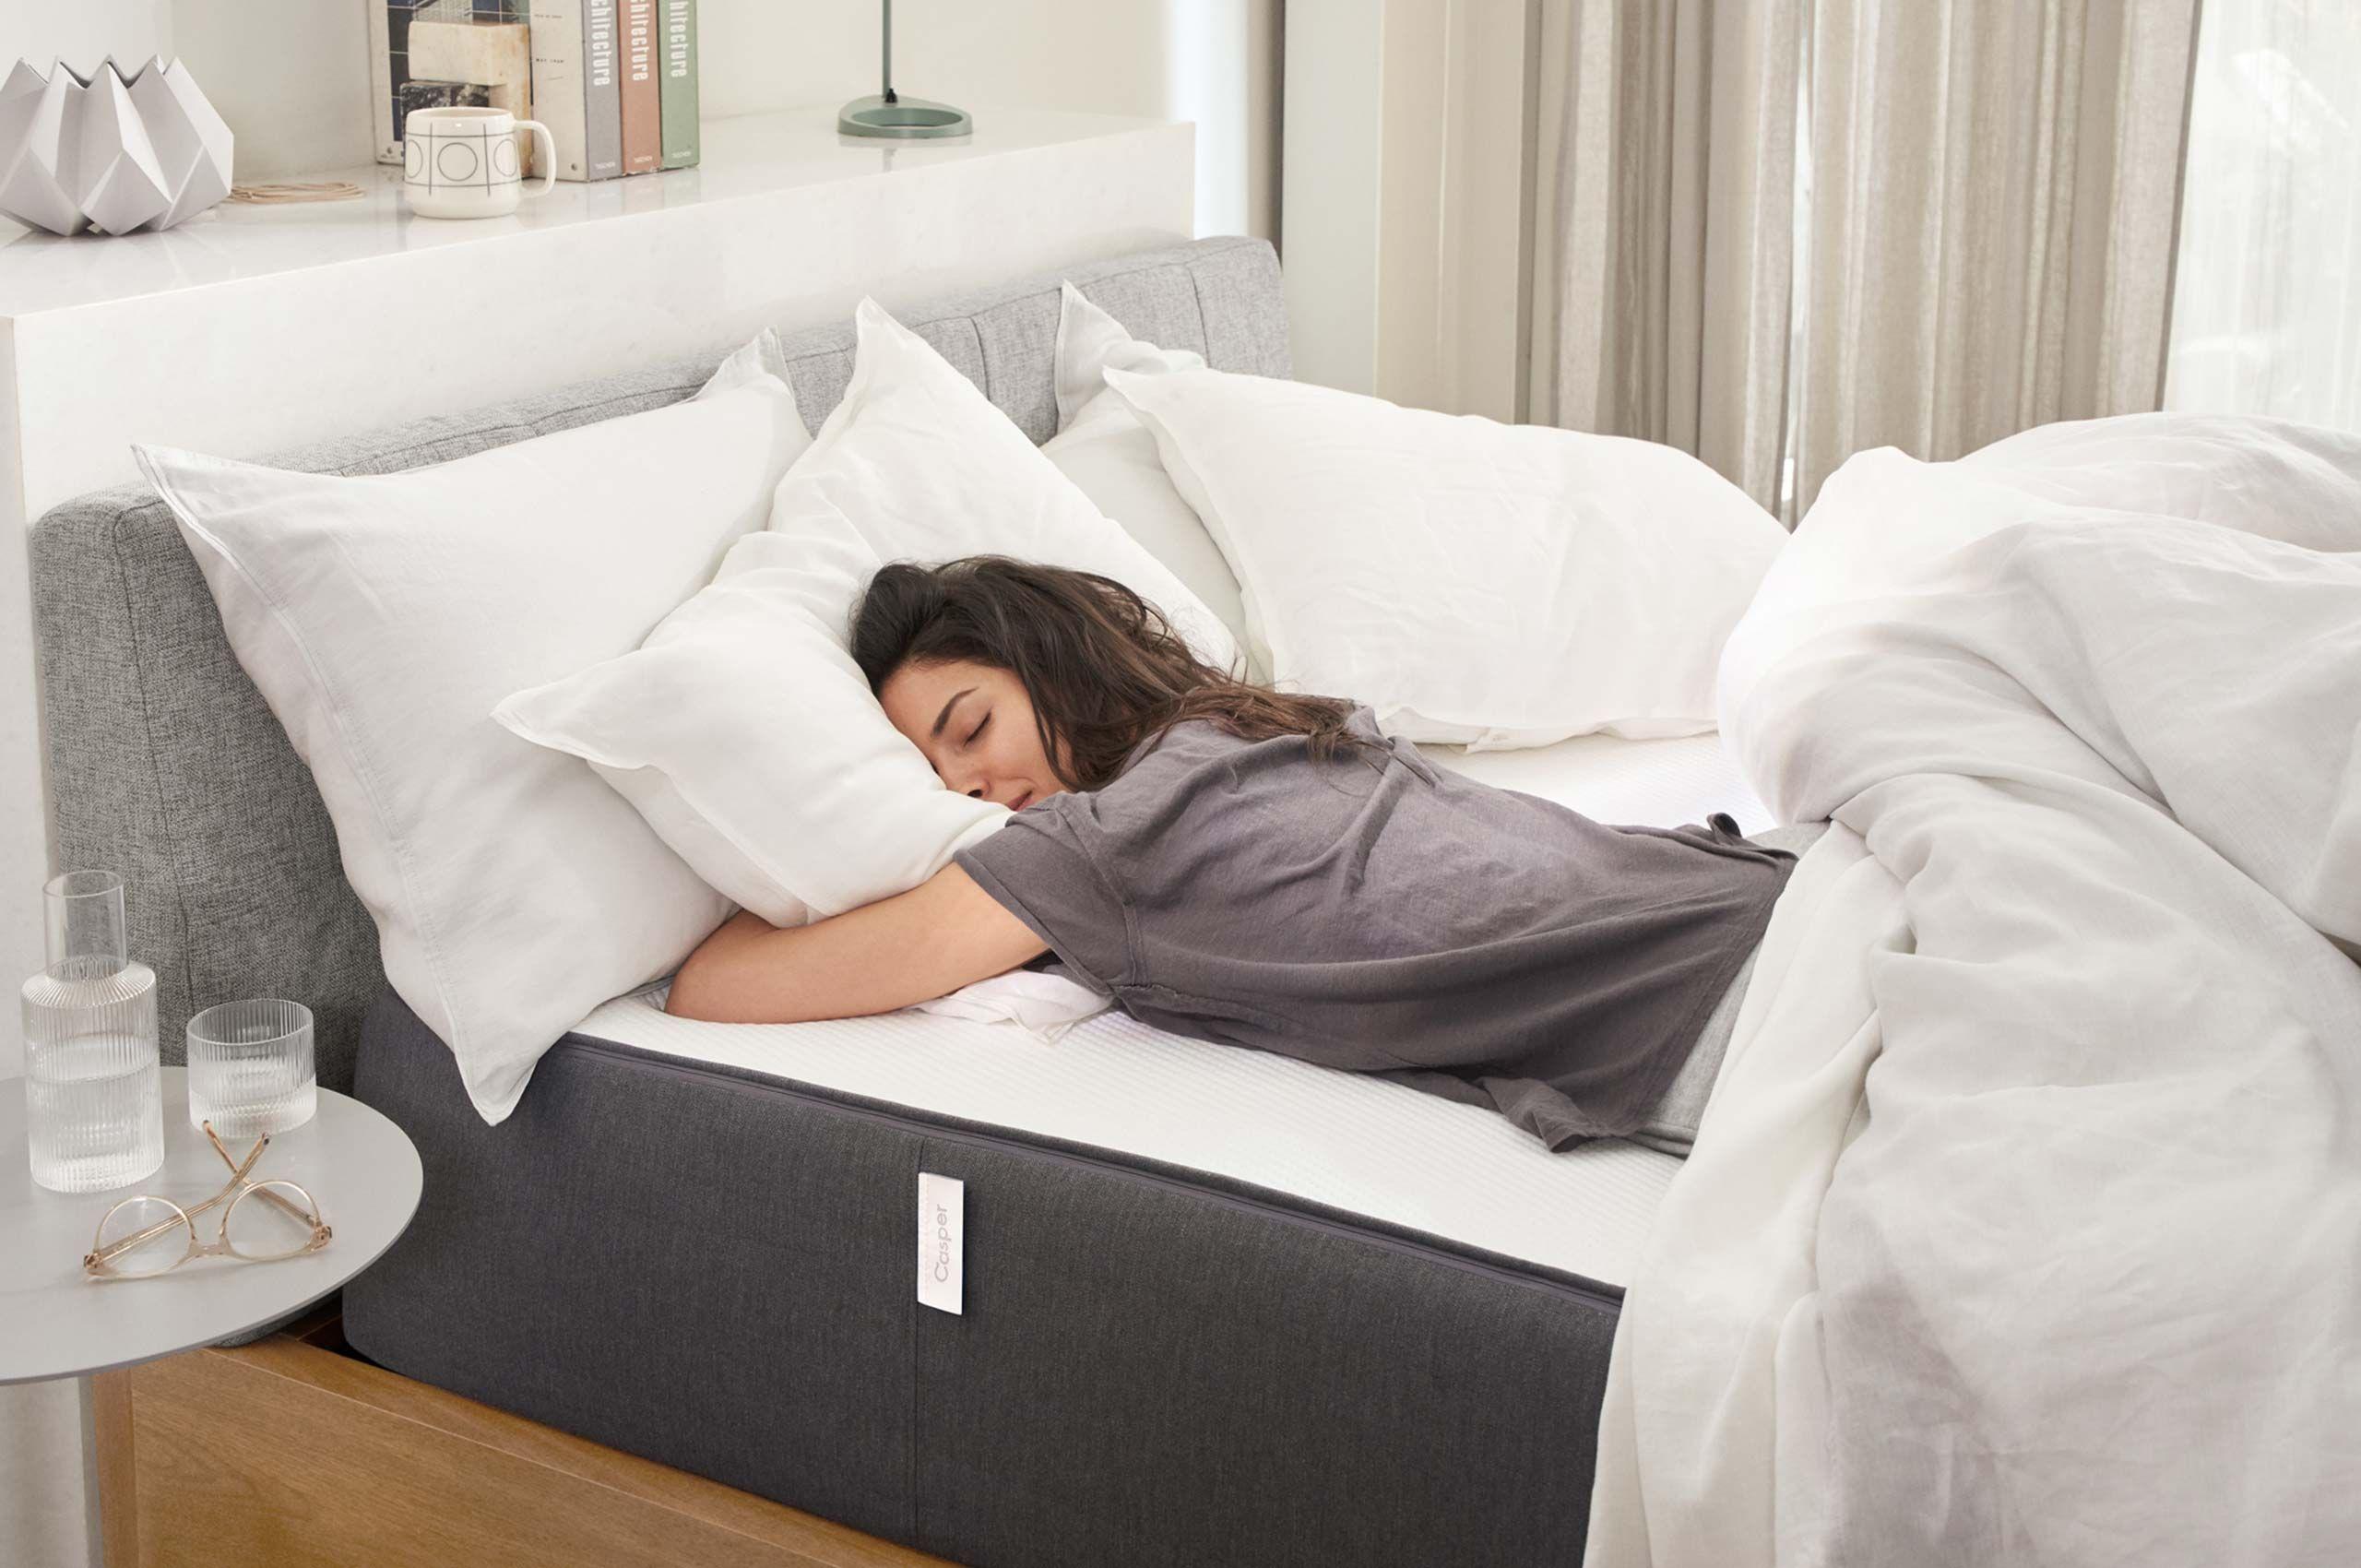 Asleep on a Casper Mattress